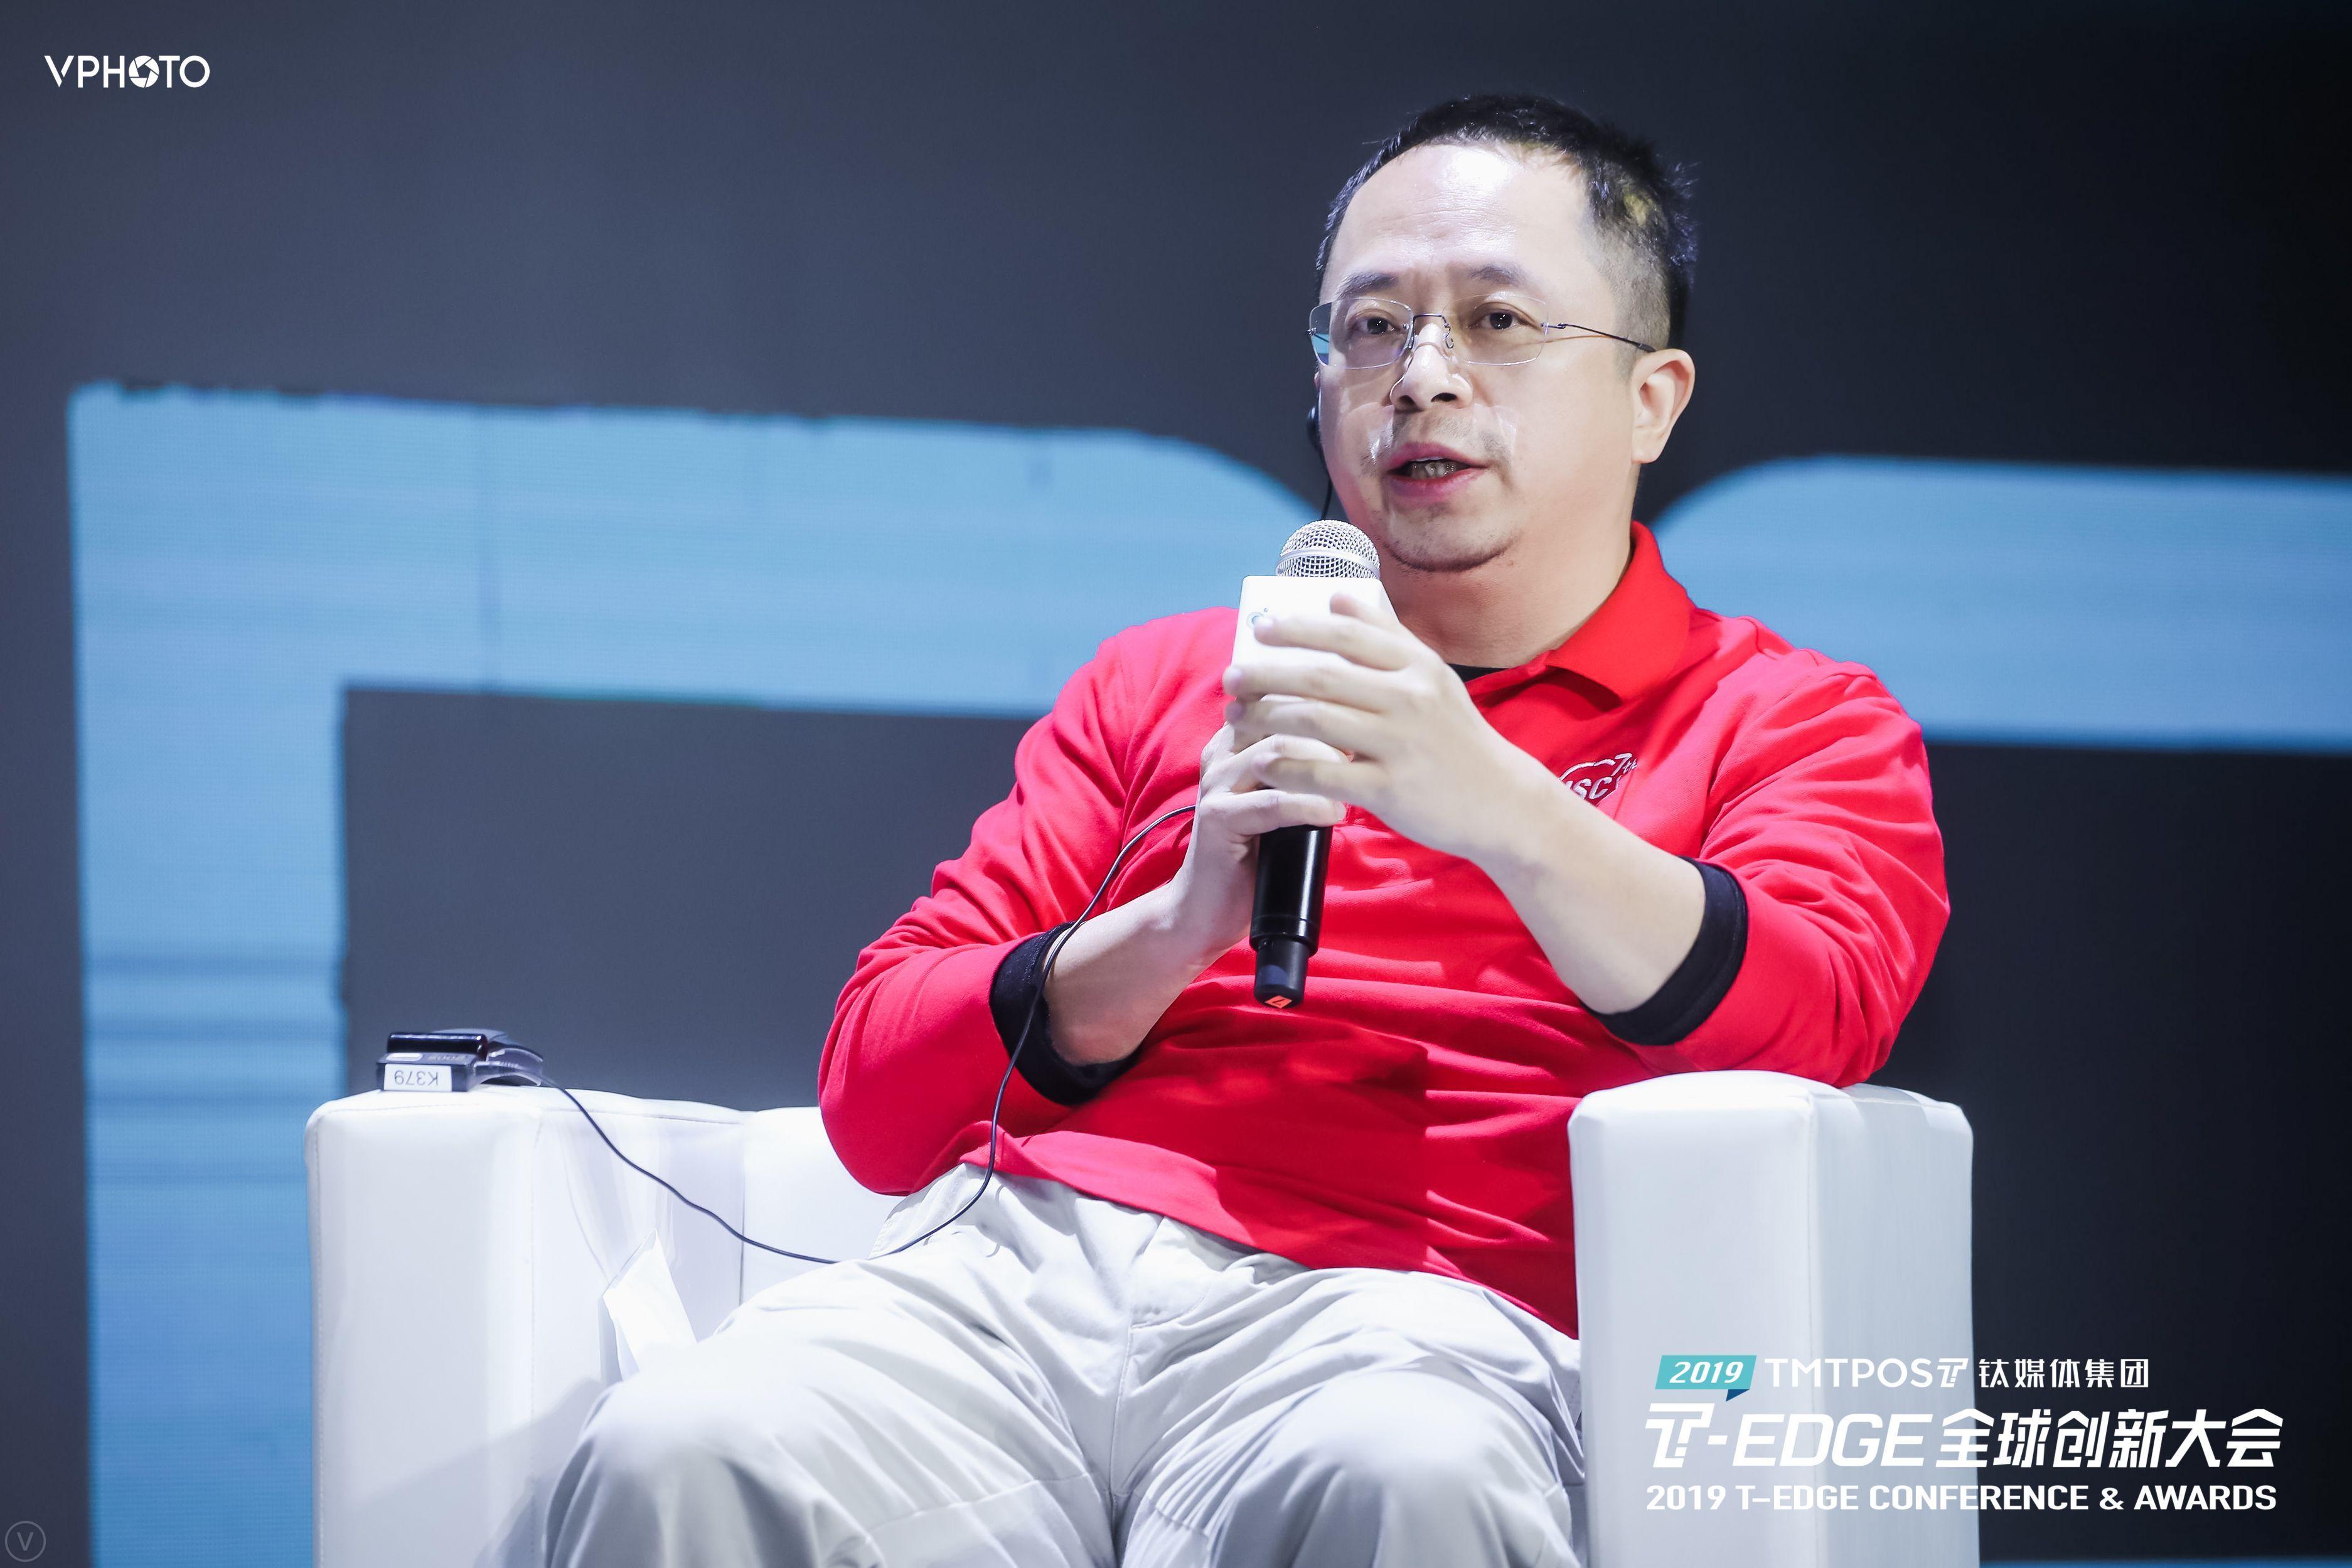 周鴻祎:要包容羅永浩和王思聰的失敗_挑戰